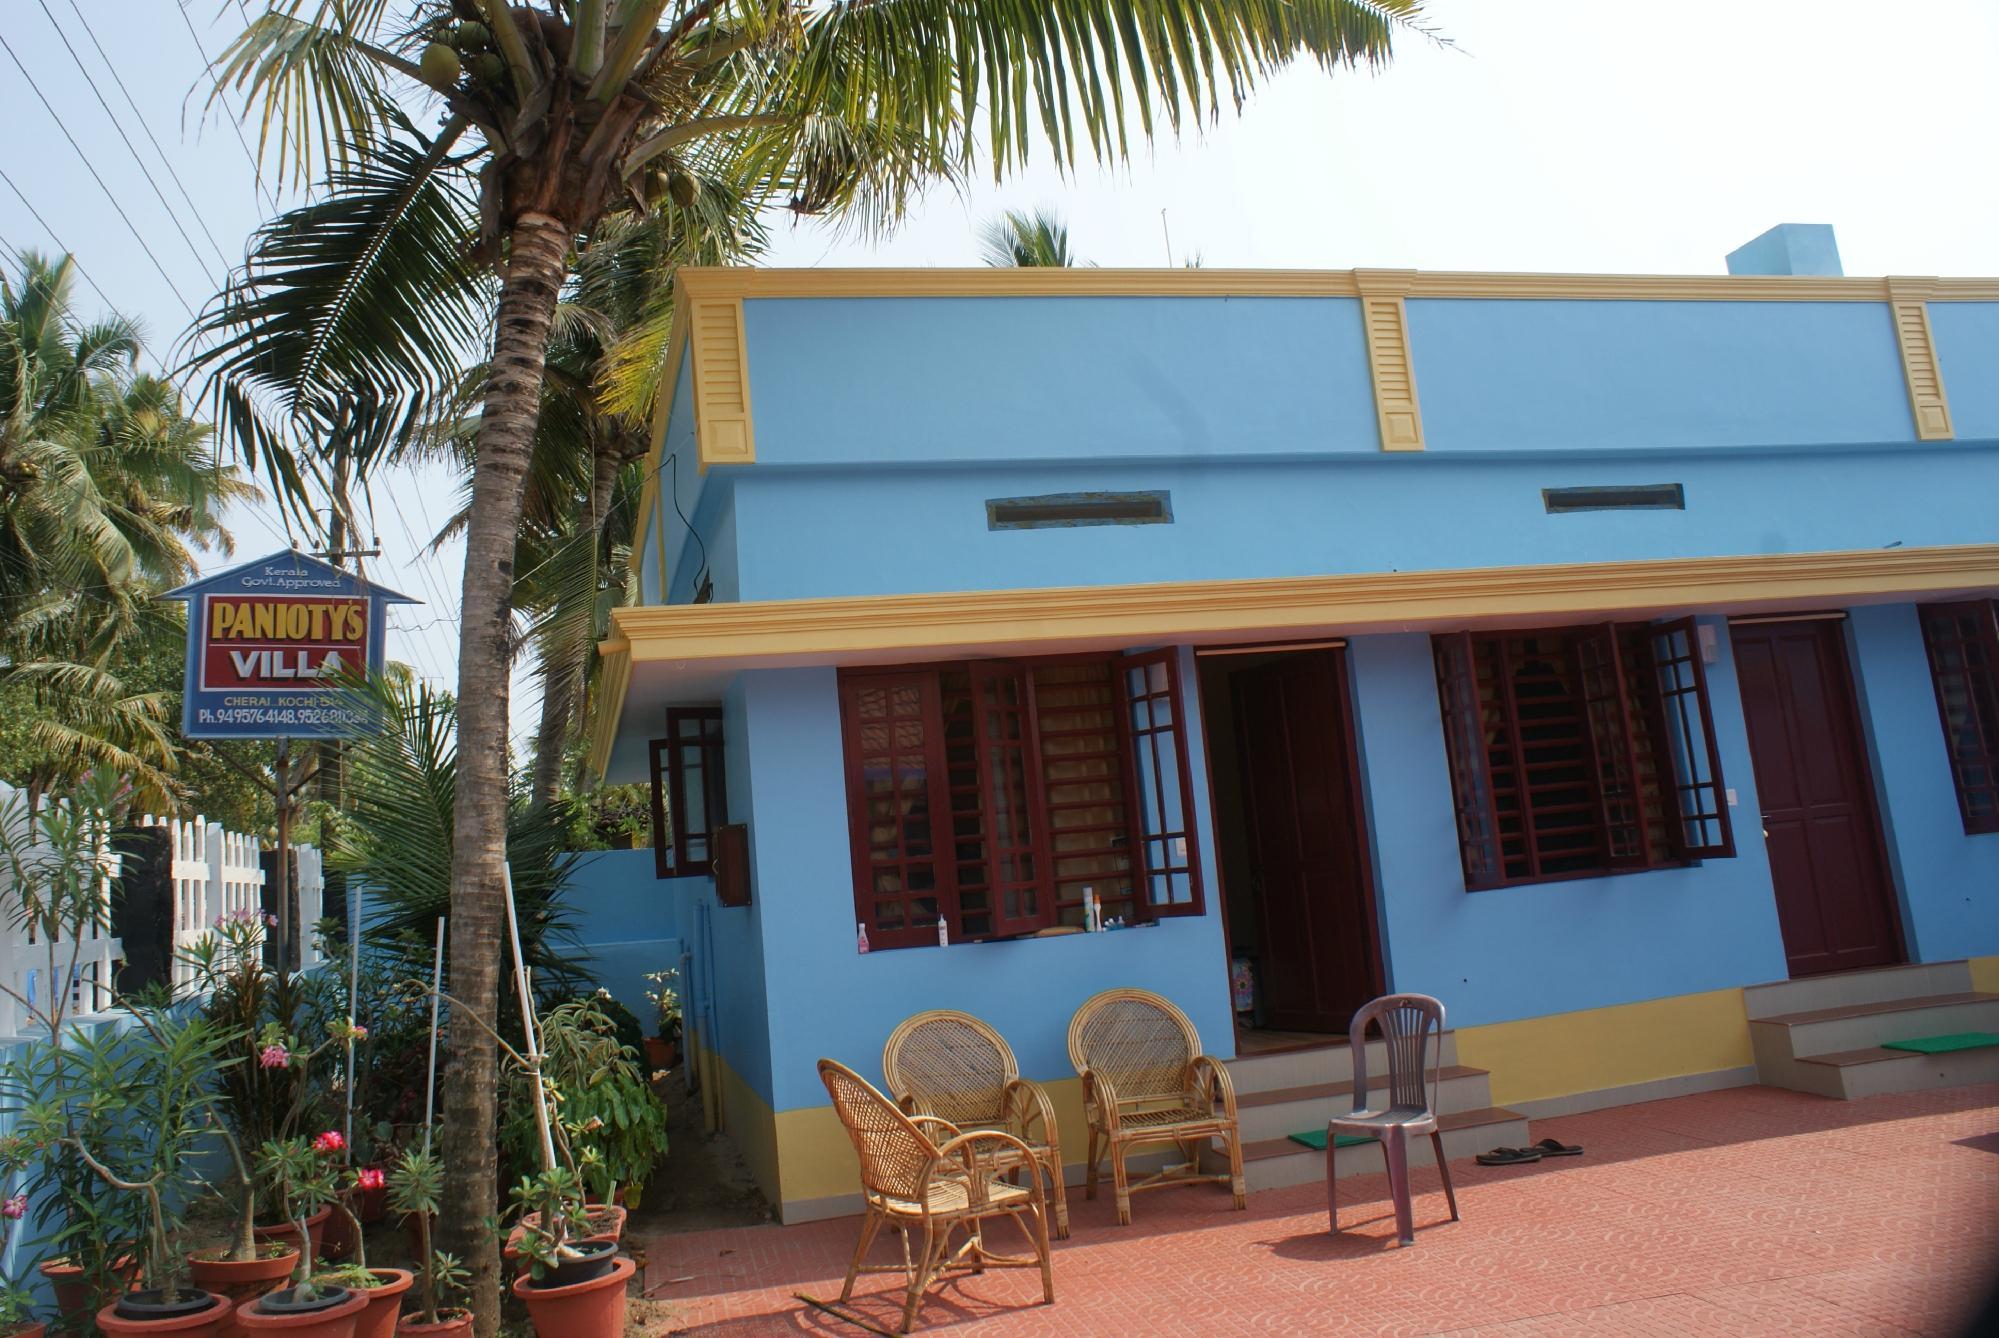 Panioty's Villa